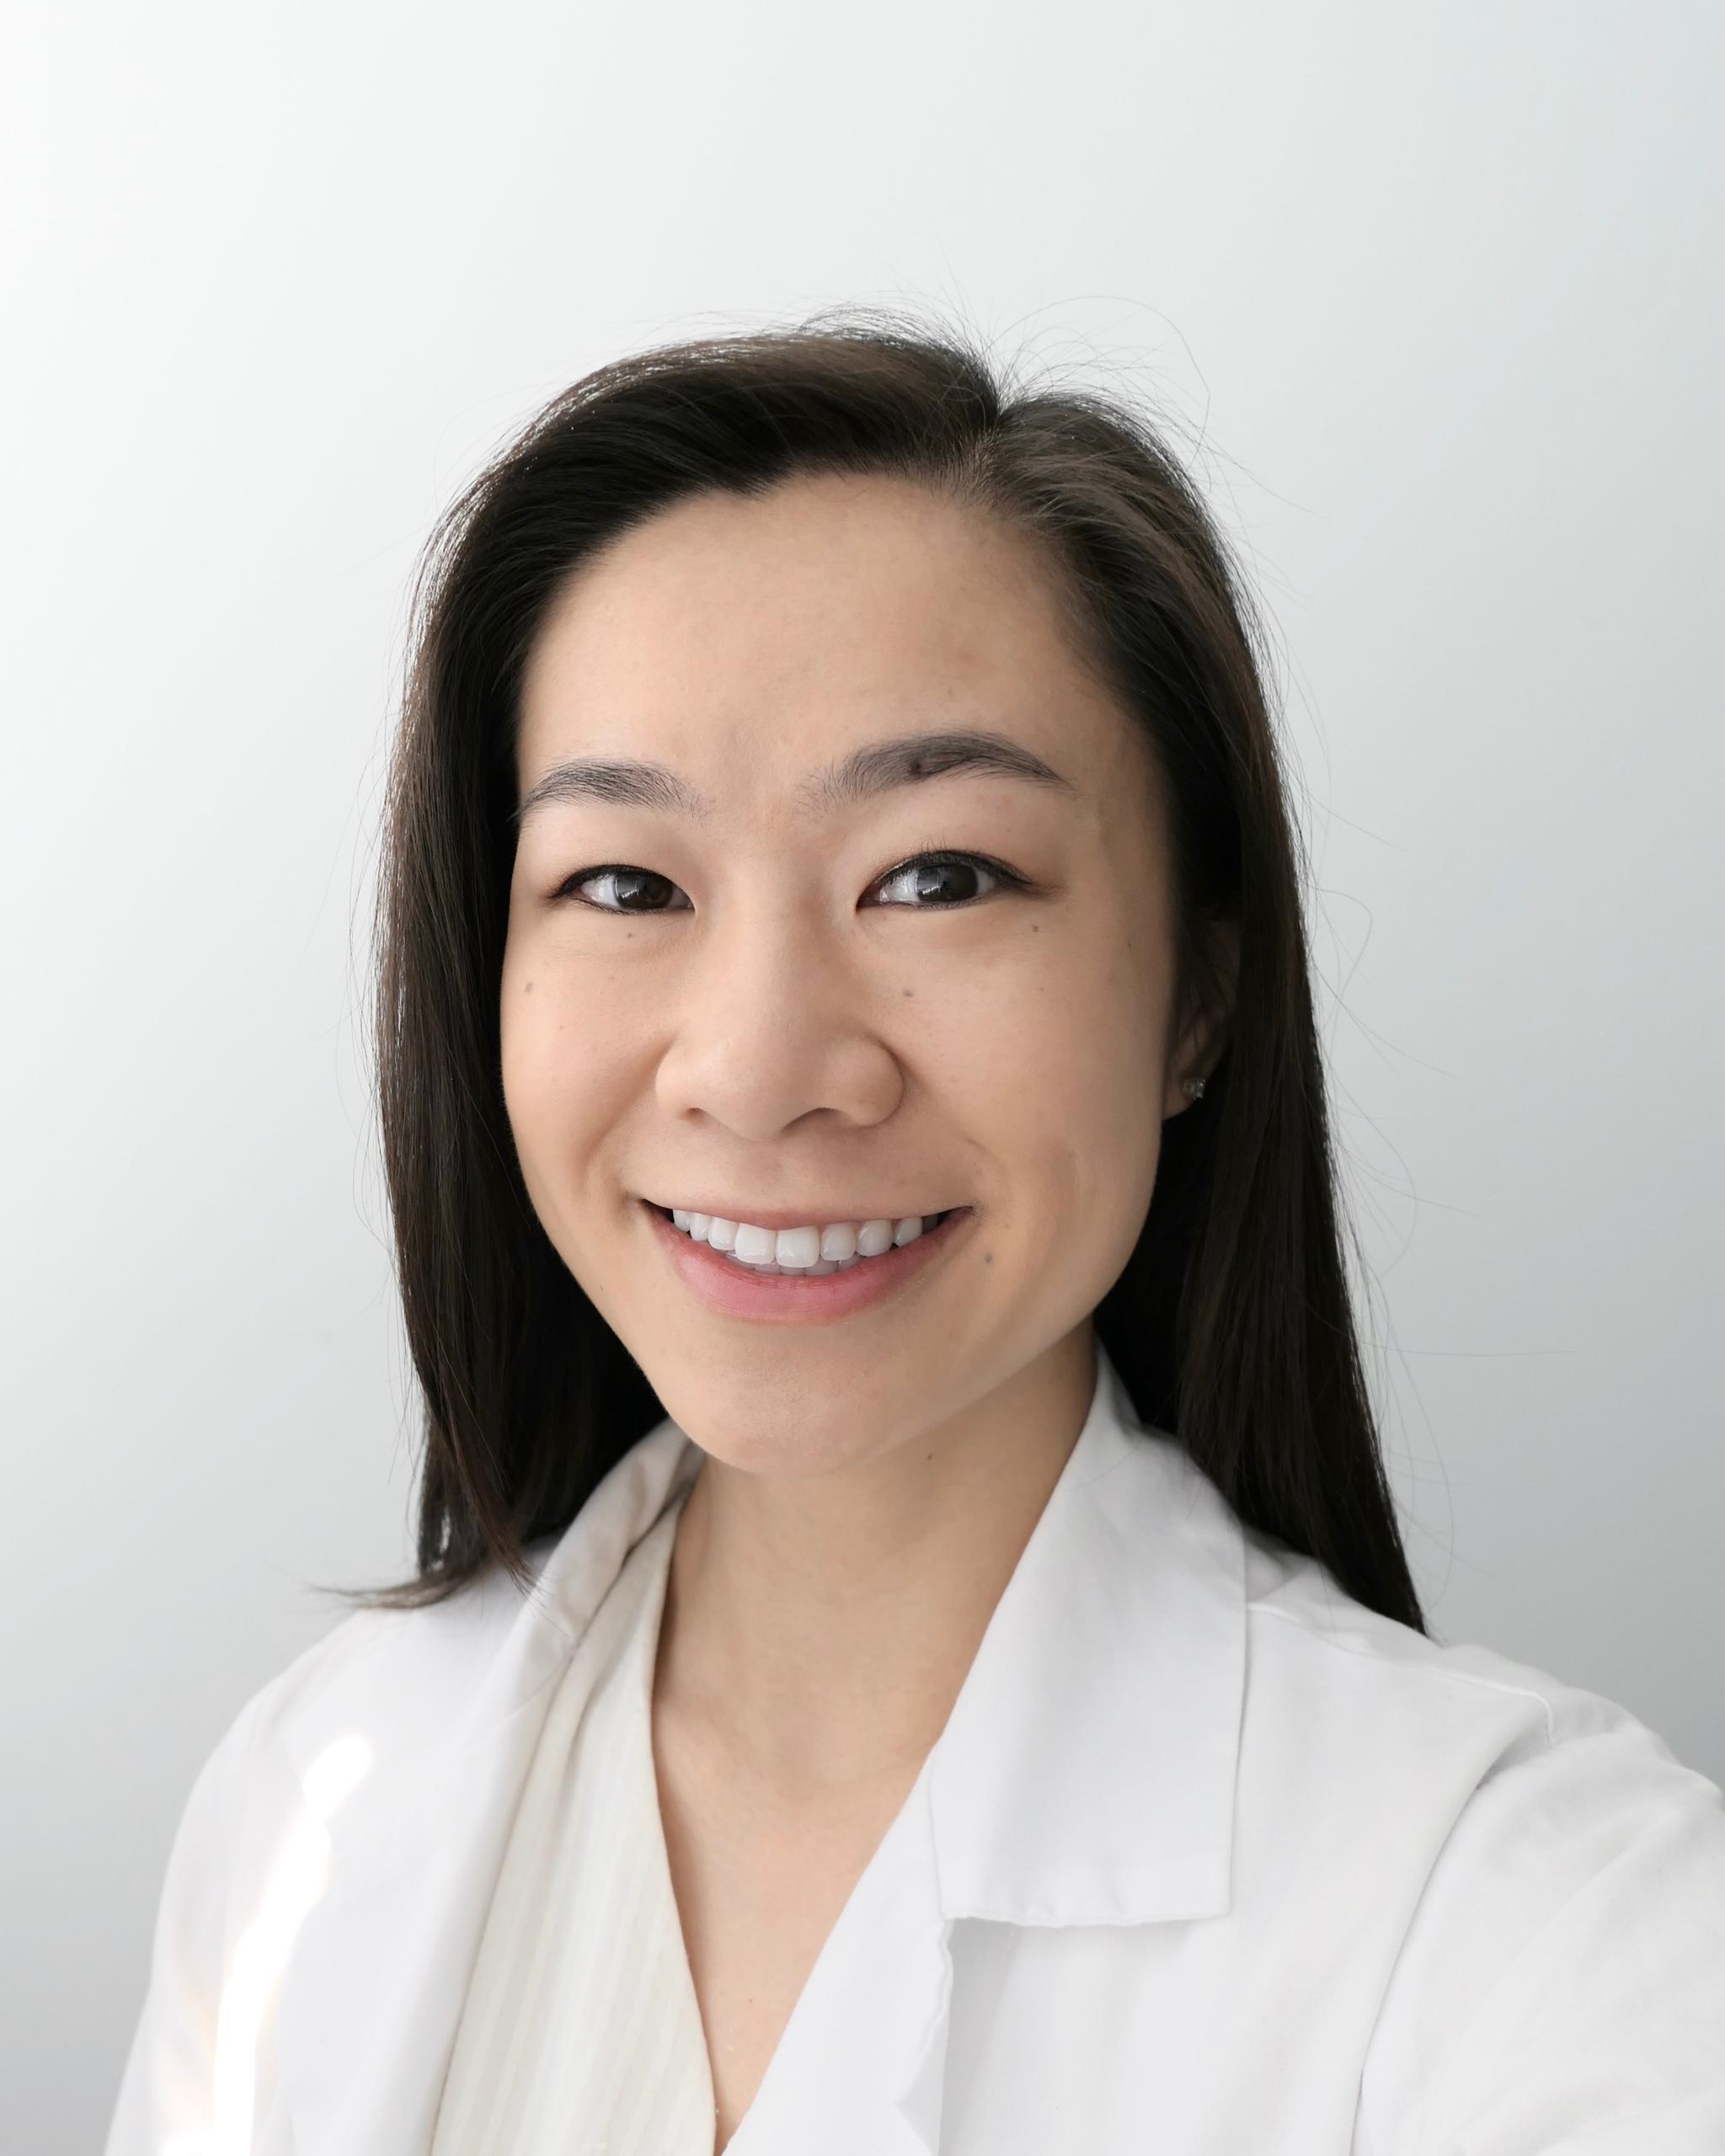 dr sarah quan